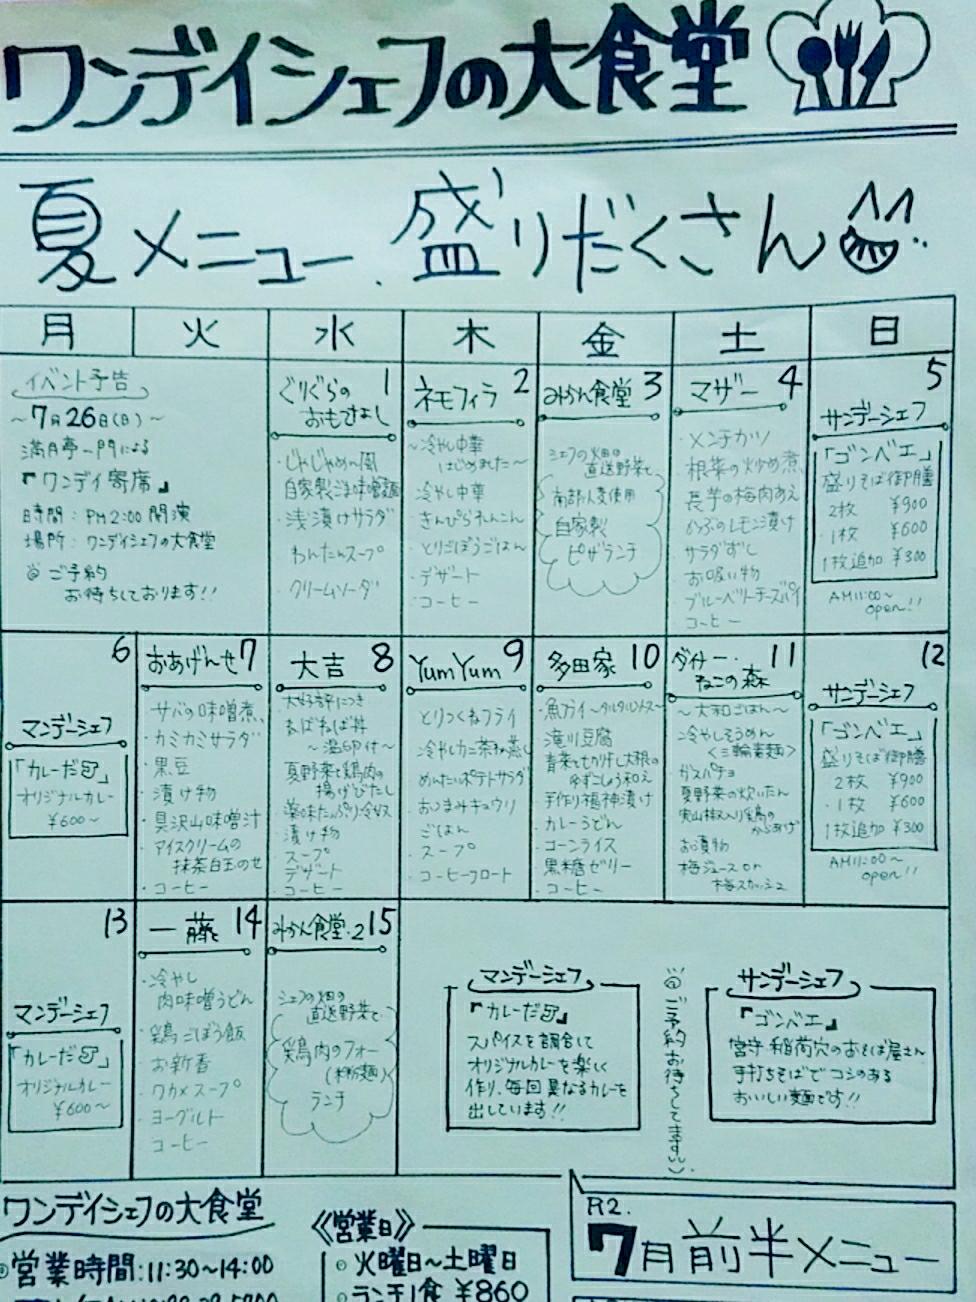 日替りランチメニュー表